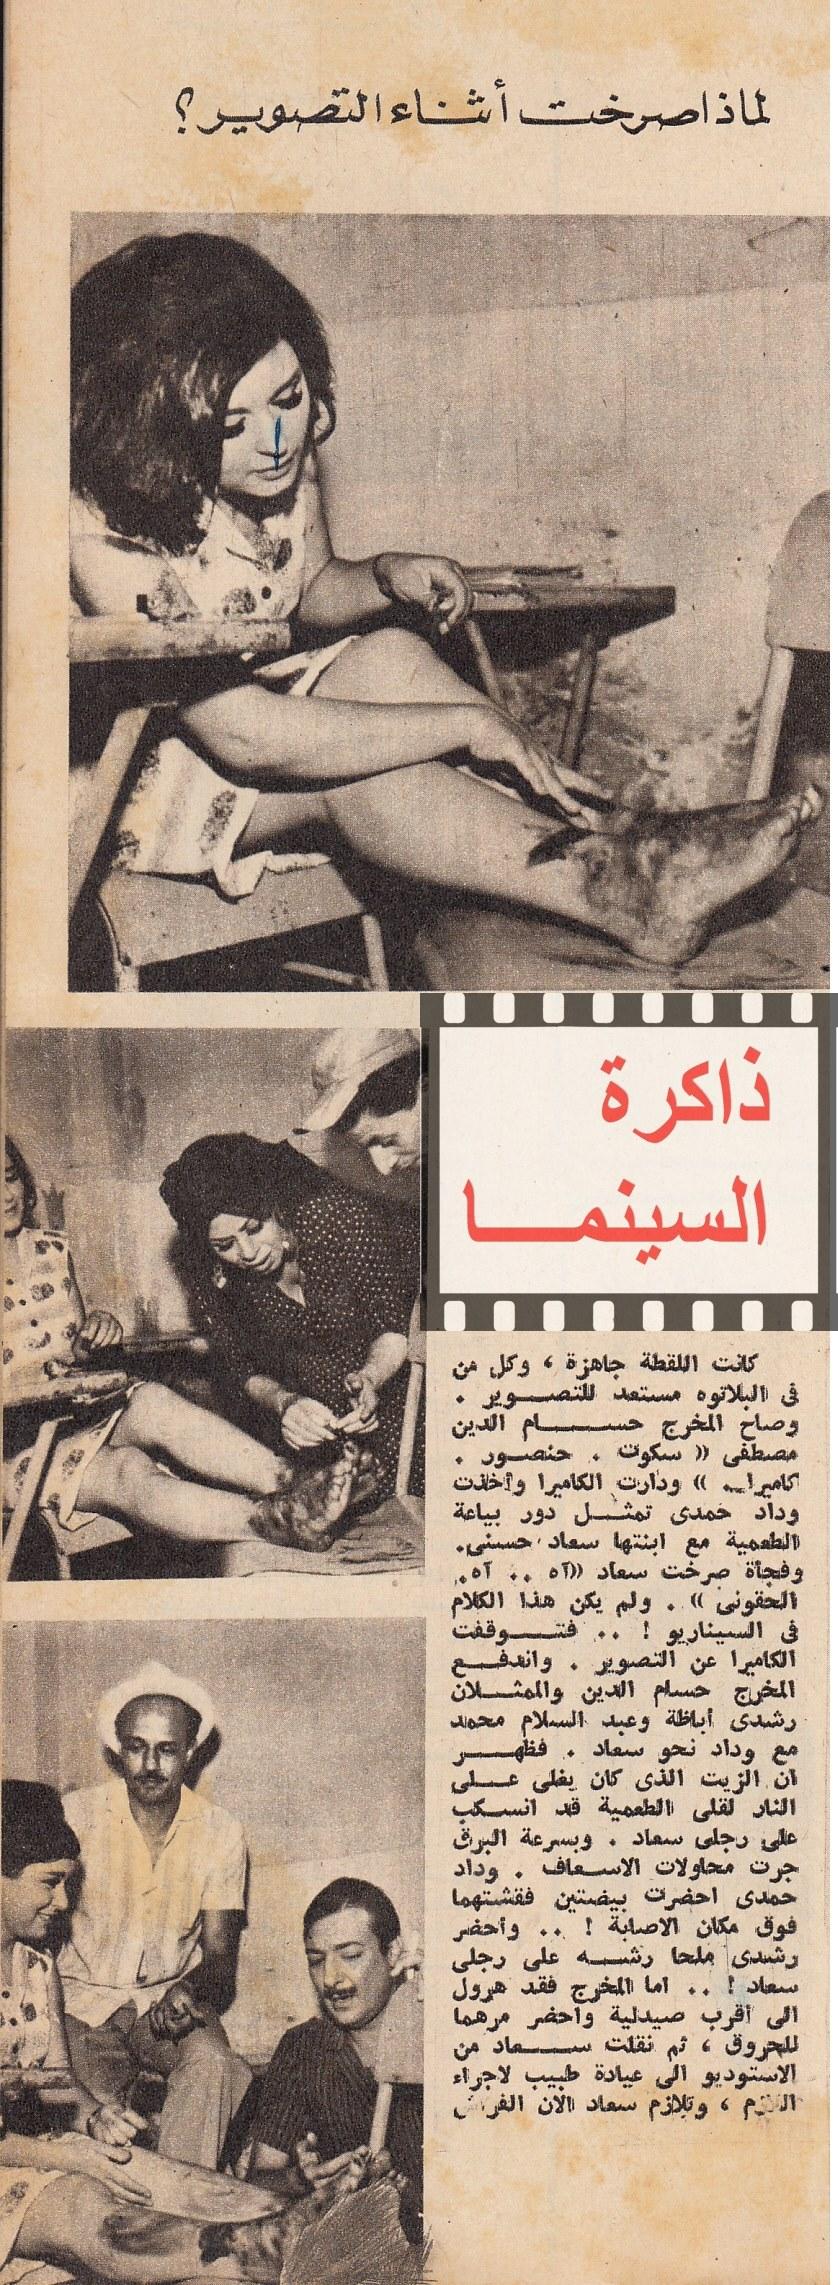 خبر صحفي : لماذا صرخت أثناء التصوير 1966 م Aa_yo_10